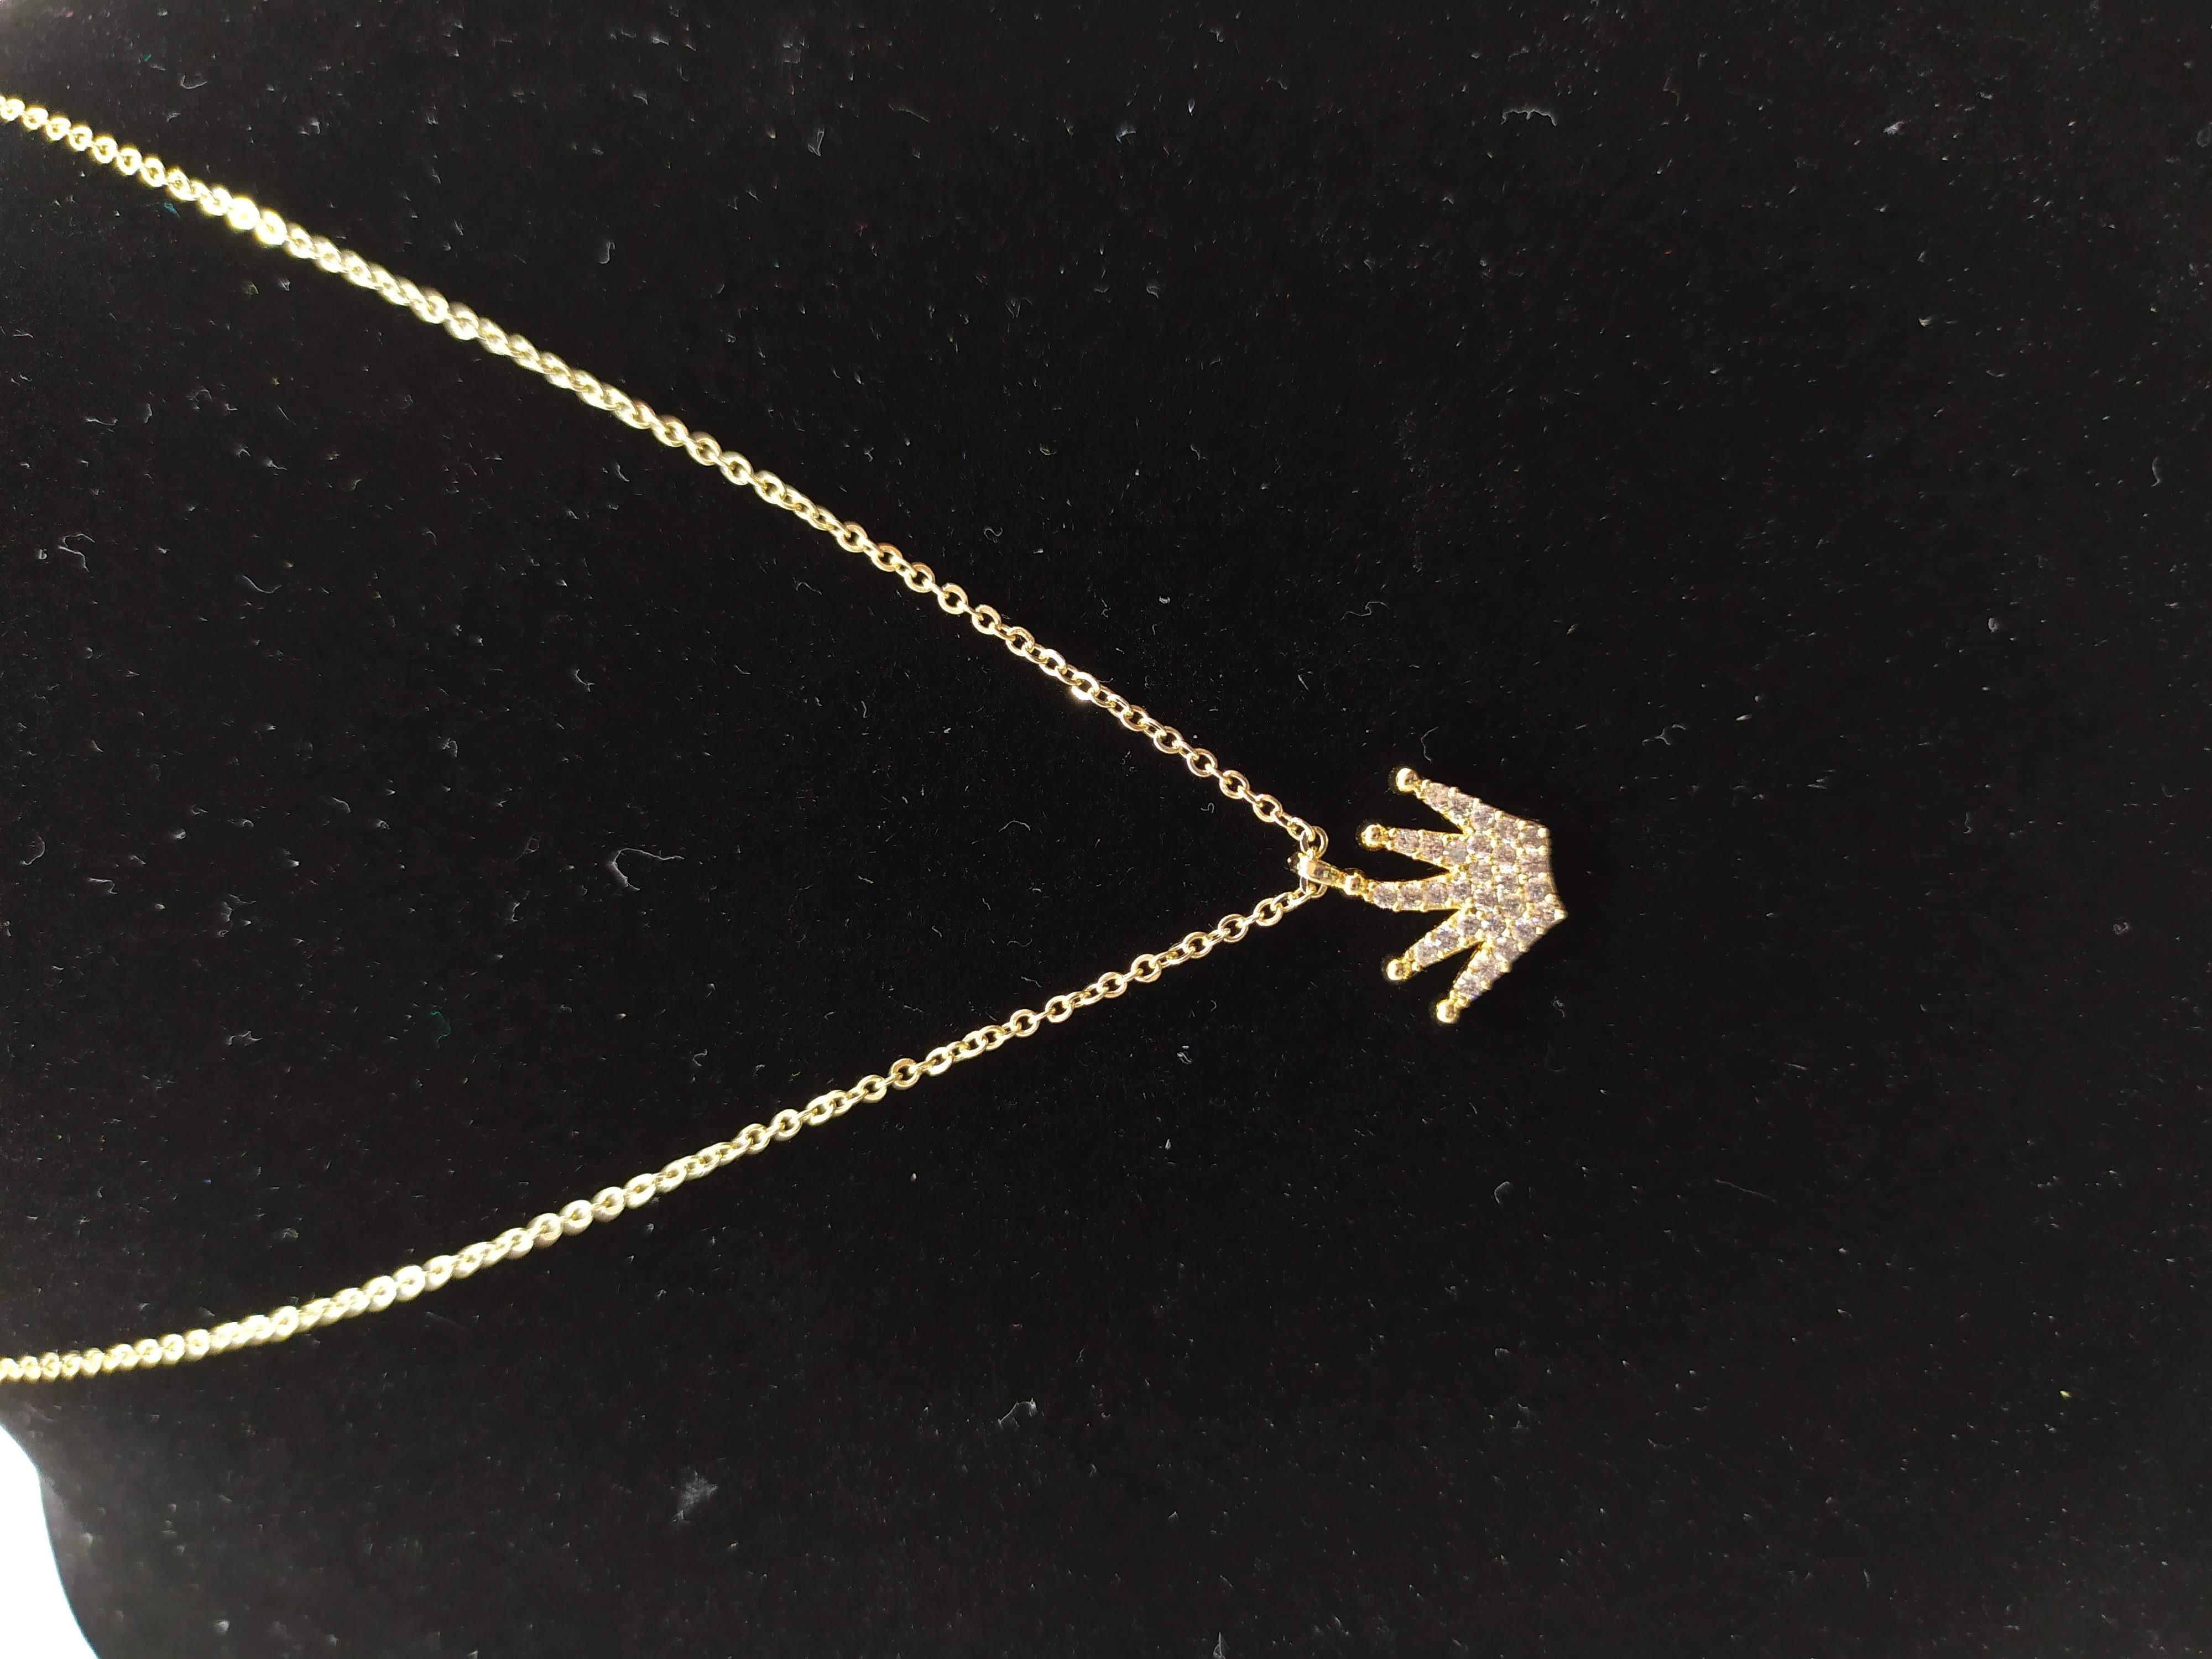 قلادة مطلية بالذهب مع الزركون الممتاز. لا يسبب الحساسية ، لا تغميق / Gold plated necklace with premium zircon. does not cause allergies, does not darken_21